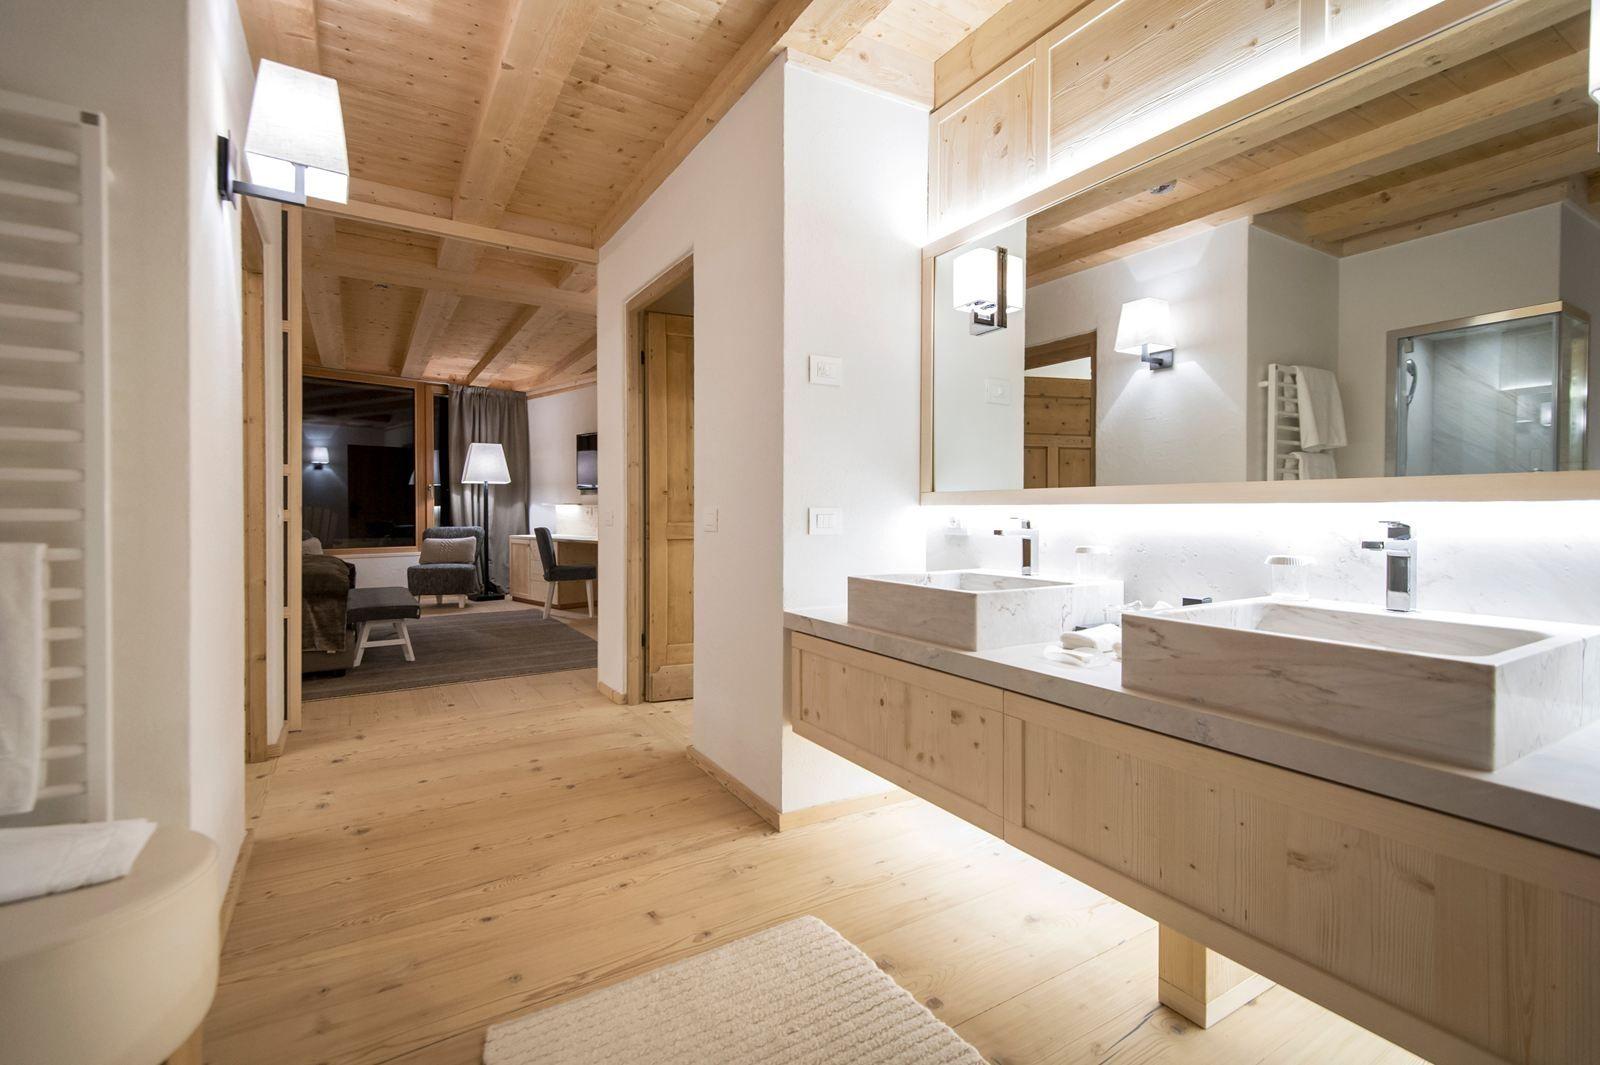 Bagno Montagna ~ Risultati immagini per bagno tetto legno bagno